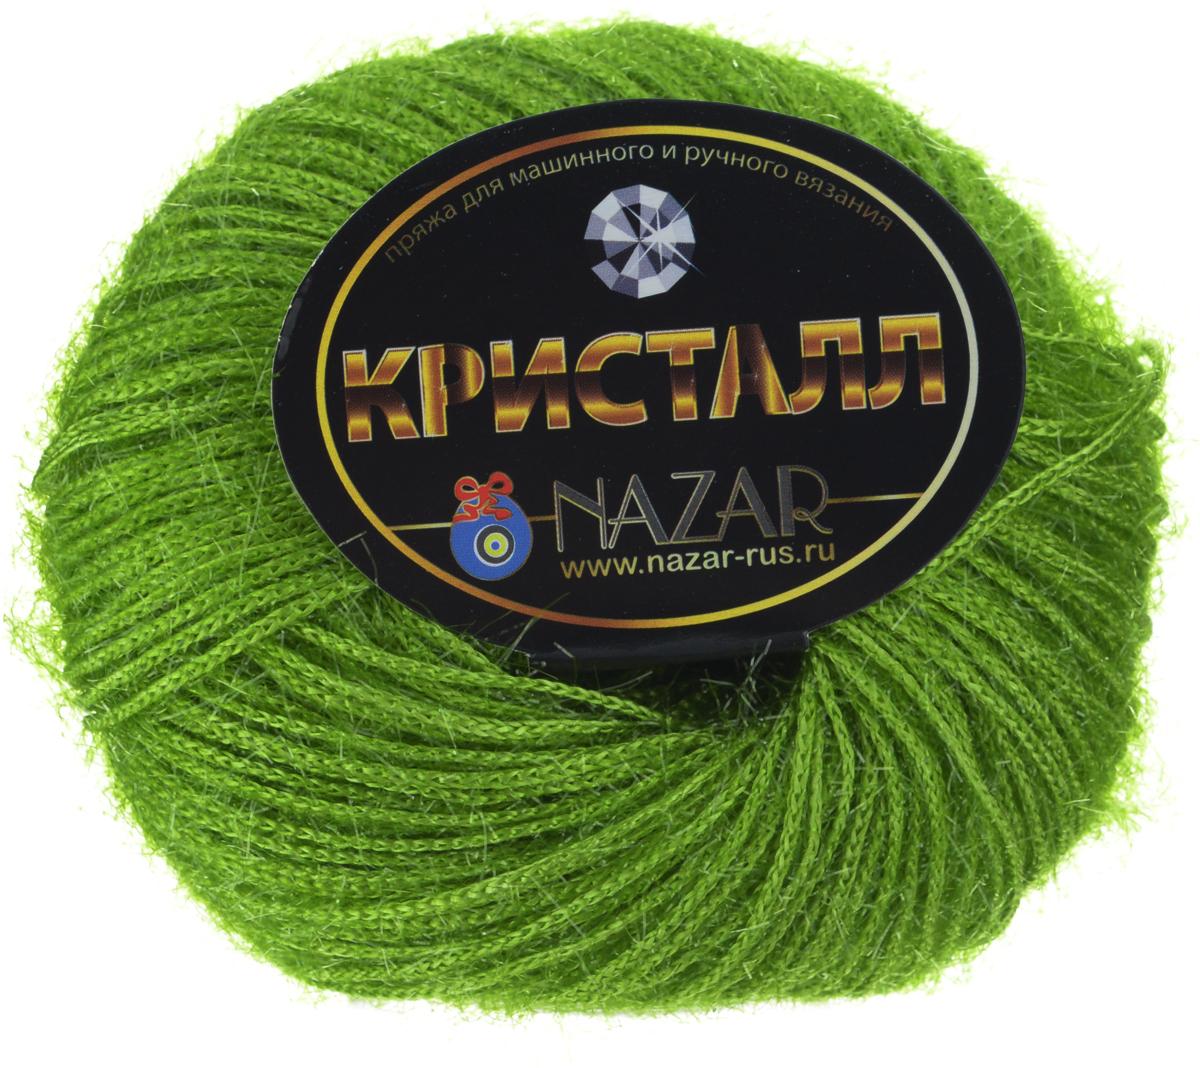 Пряжа для вязания Nazar Кристалл, цвет: светло-зеленый (1215), 125 м, 50 г, 10 шт349005_1215 св.зеленьПряжа Nazar Кристалл - это фантазийная пряжа, изготовленная из люрекса и полиэстера. В изделии из этой пряжи вы не останетесь незамеченной, а новогодние игрушки из этой пряжи будут неповторимыми. Изделия практичны в носке и уходе. Рекомендуемые спицы 4-5 мм, крючок 4-5 мм. Комплектация: 10 мотков. Состав: 70% люрекс, 30% полиэстер.